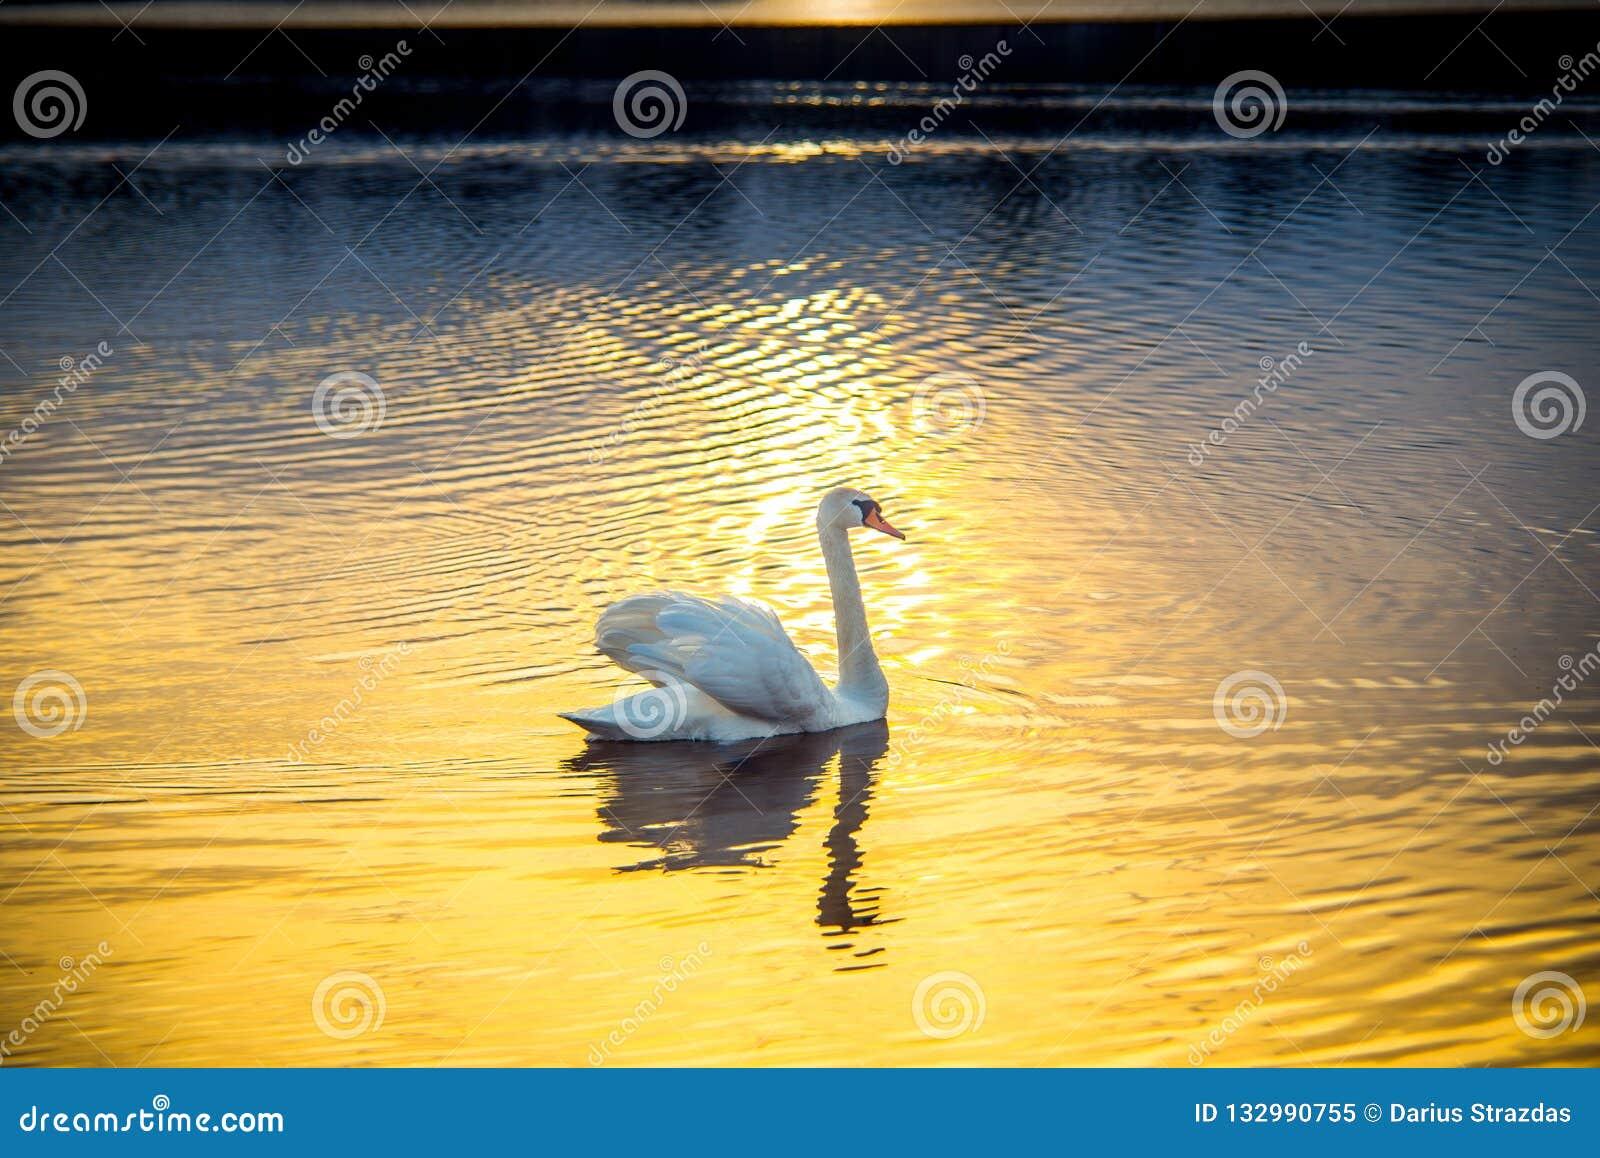 Łabędzi przy zmierzchem w jeziorze samotnie